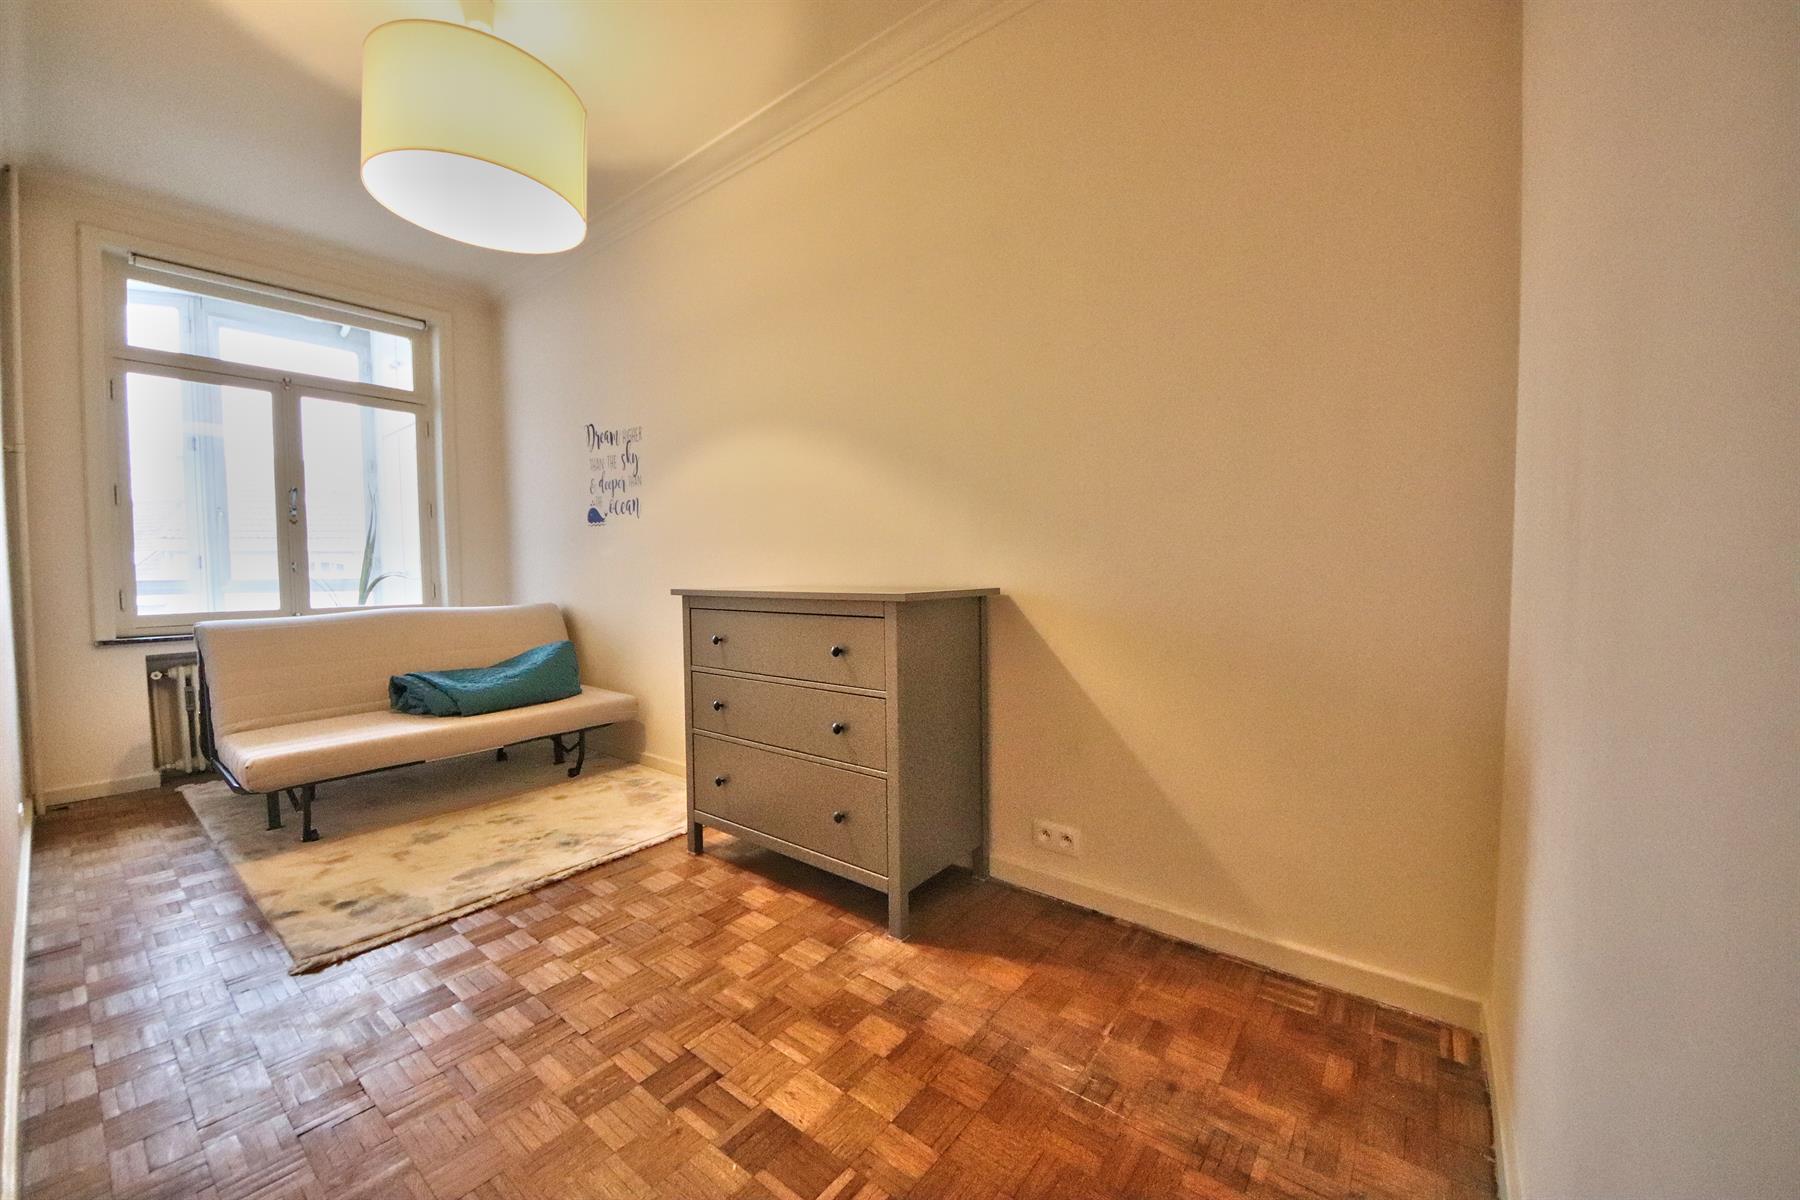 Appartement - Woluwe-Saint-Pierre - #4256600-9